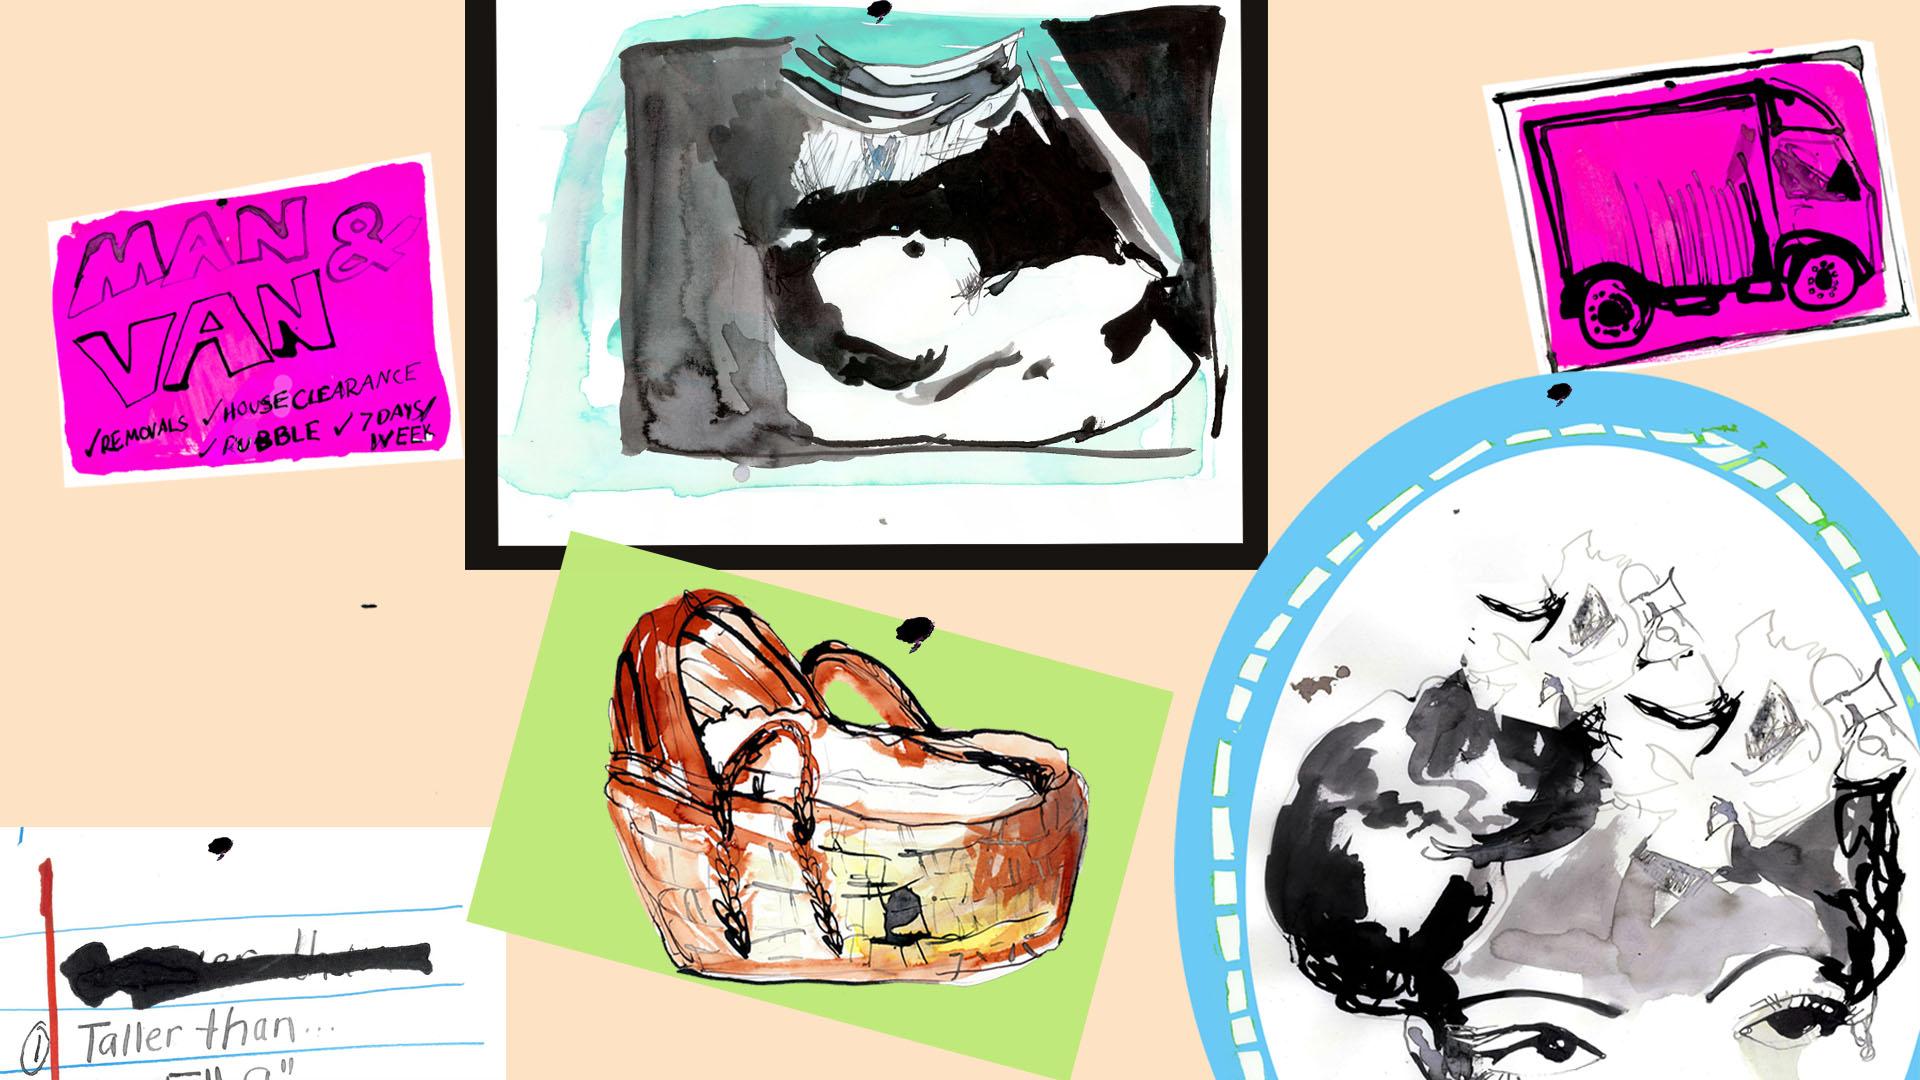 嬰兒籃、超聲波照片